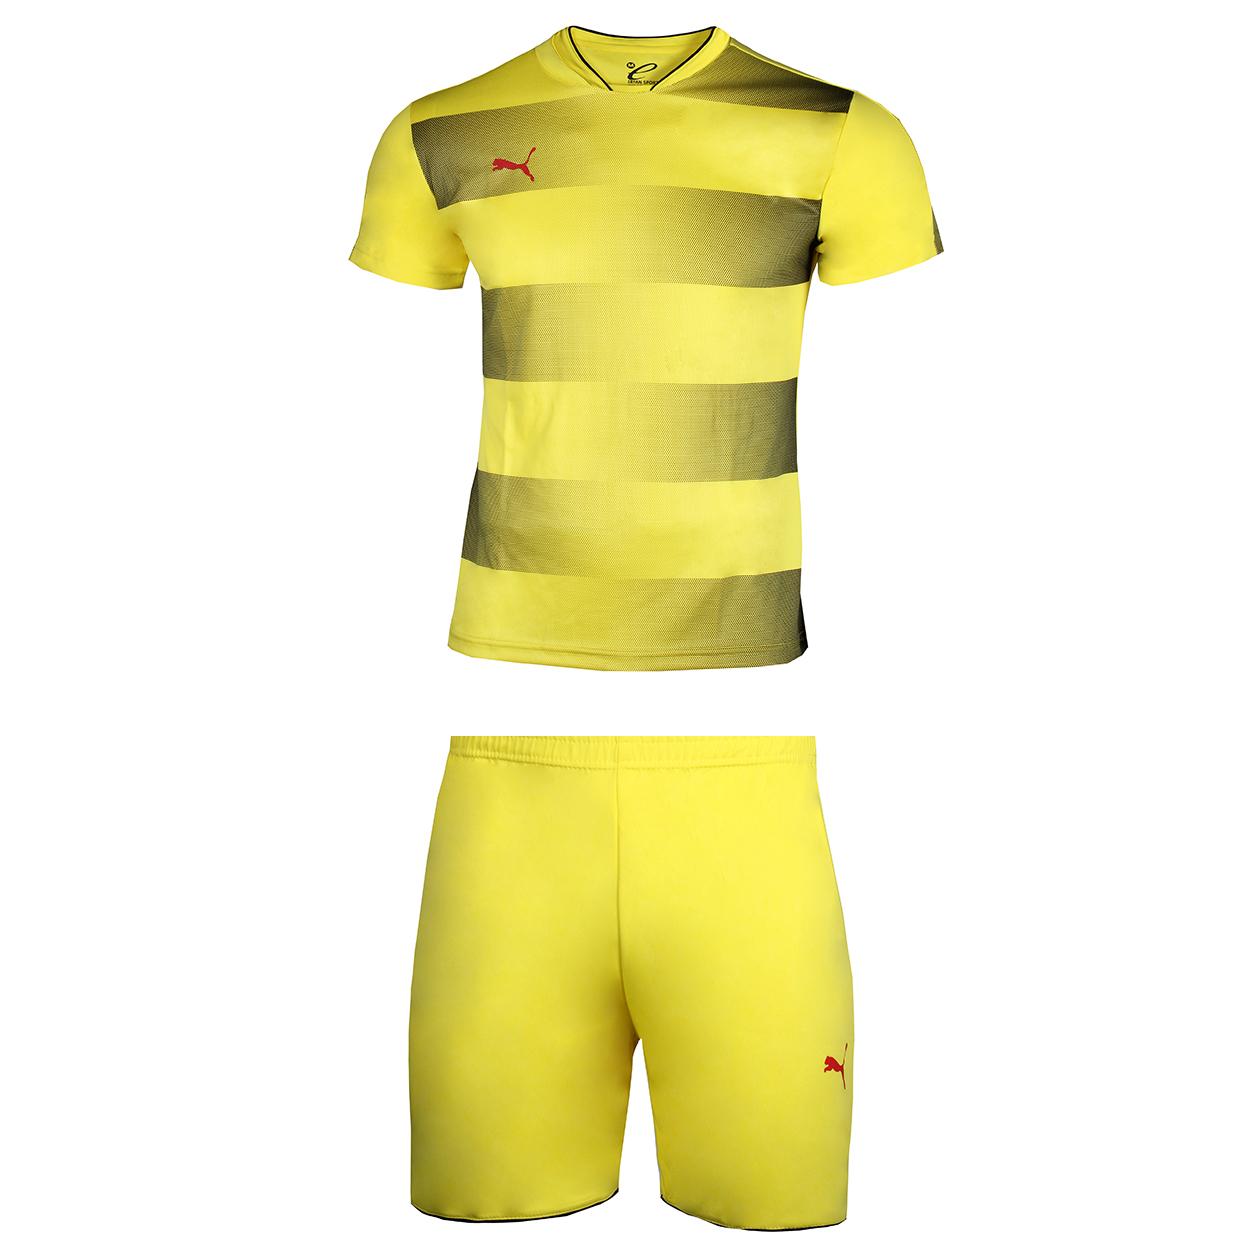 ست پیراهن و شورت ورزشی مردانه کد 1098